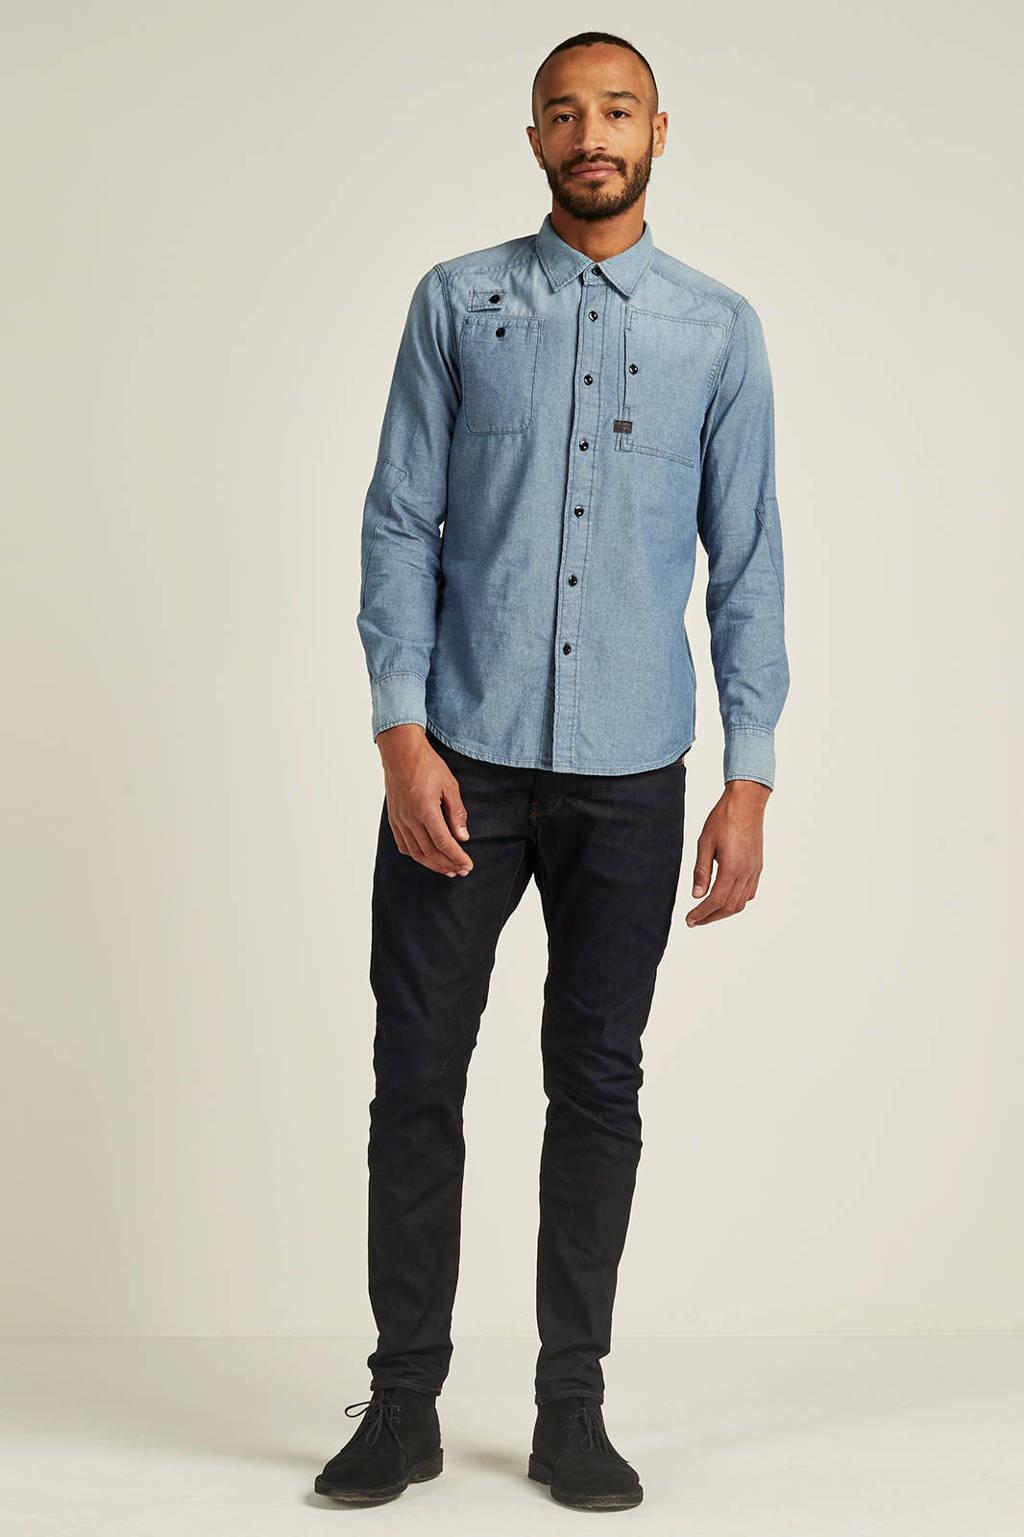 G-Star RAW slim fit jeans D-staq, DK aged